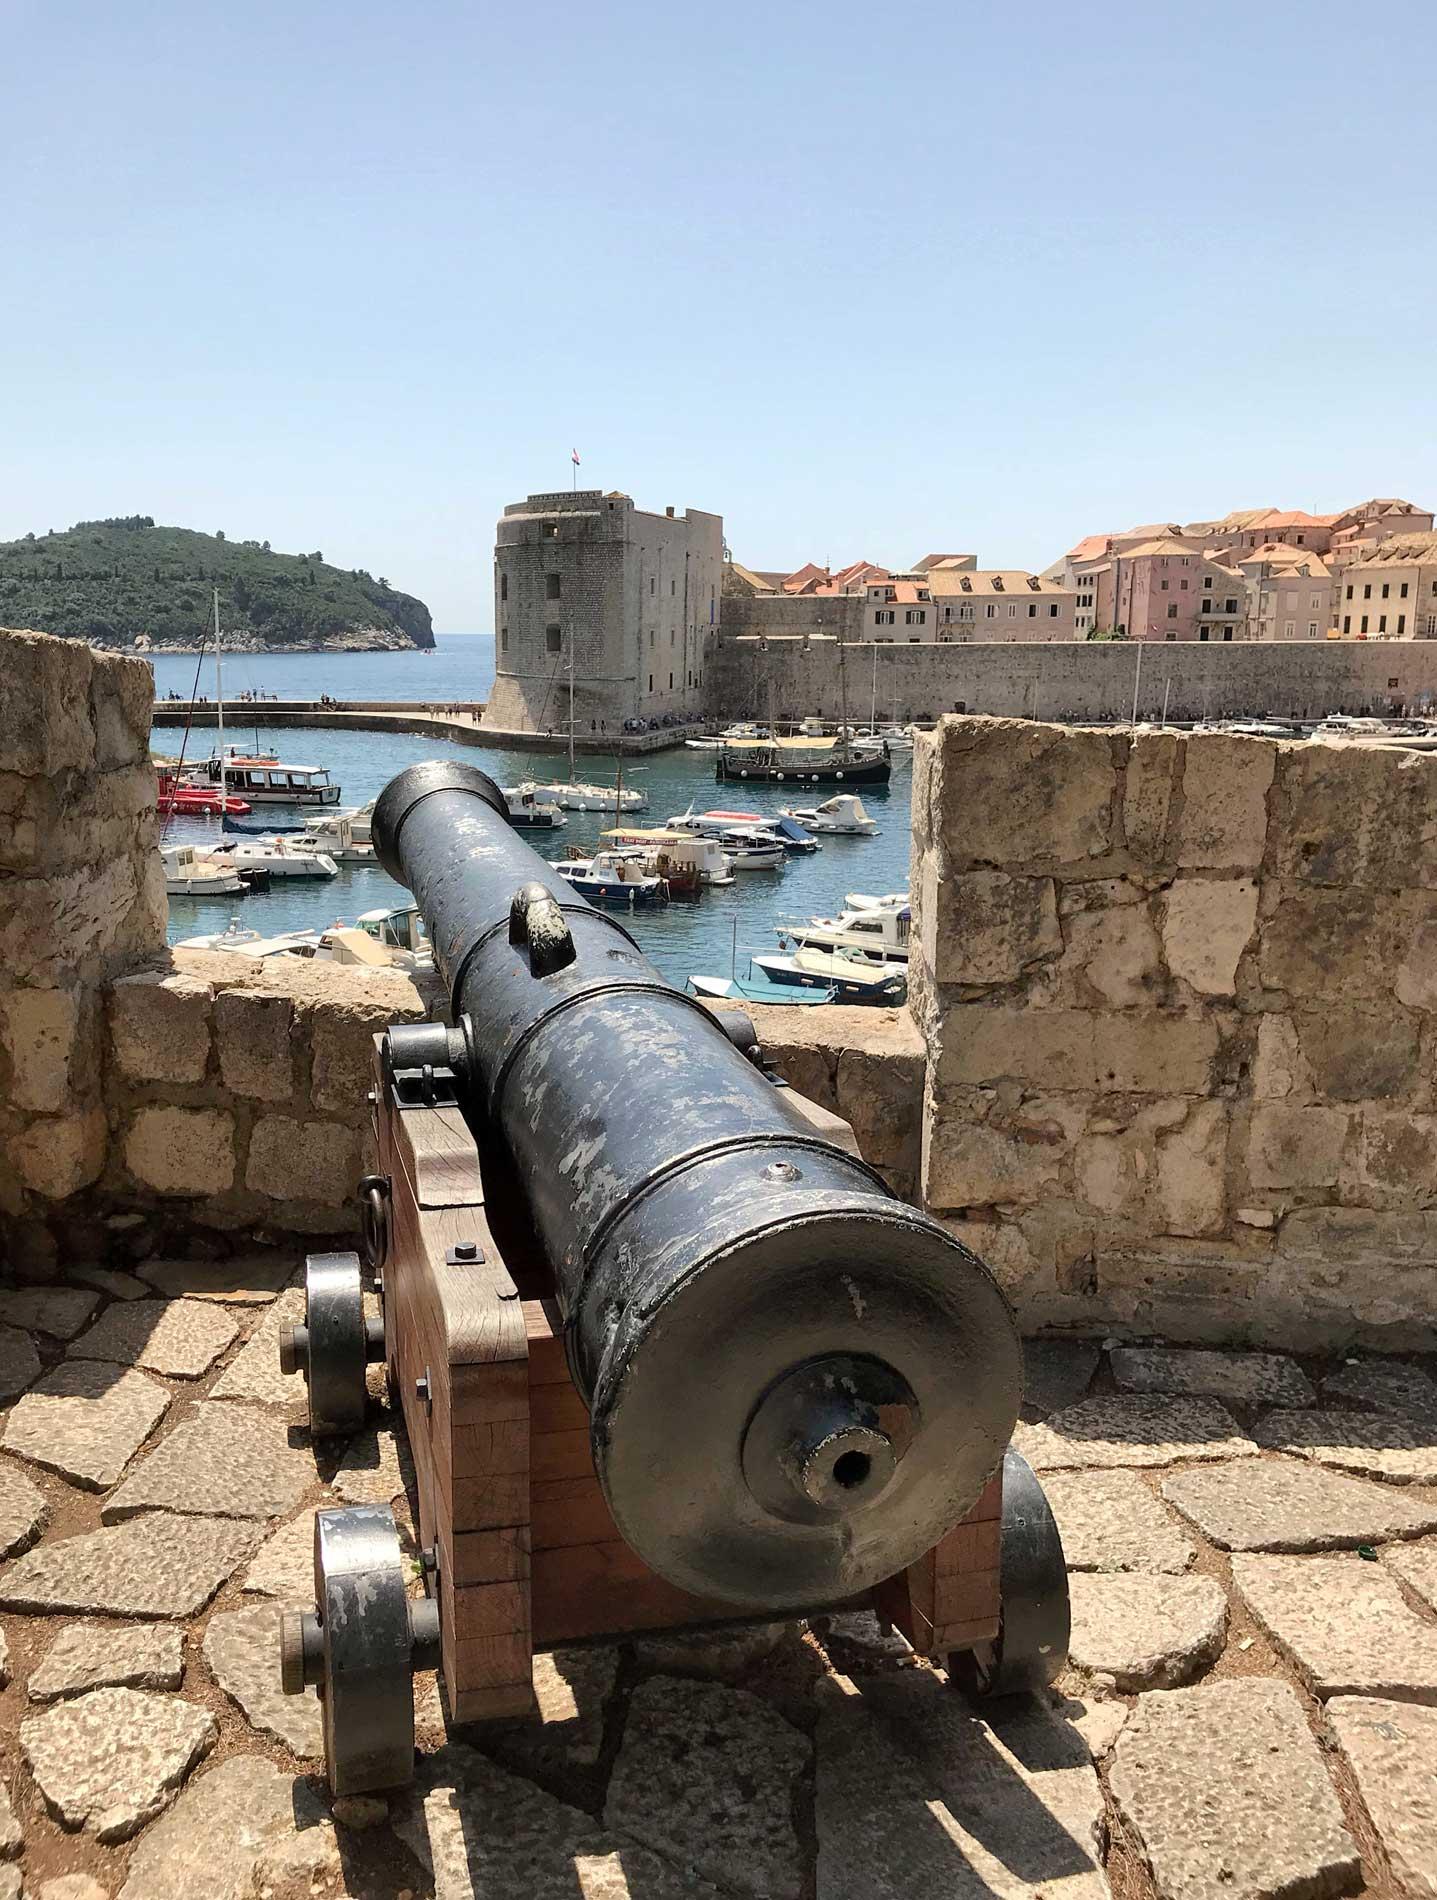 Dubrovnik-Croazia-cannone-panorama-sul-porto-vecchio